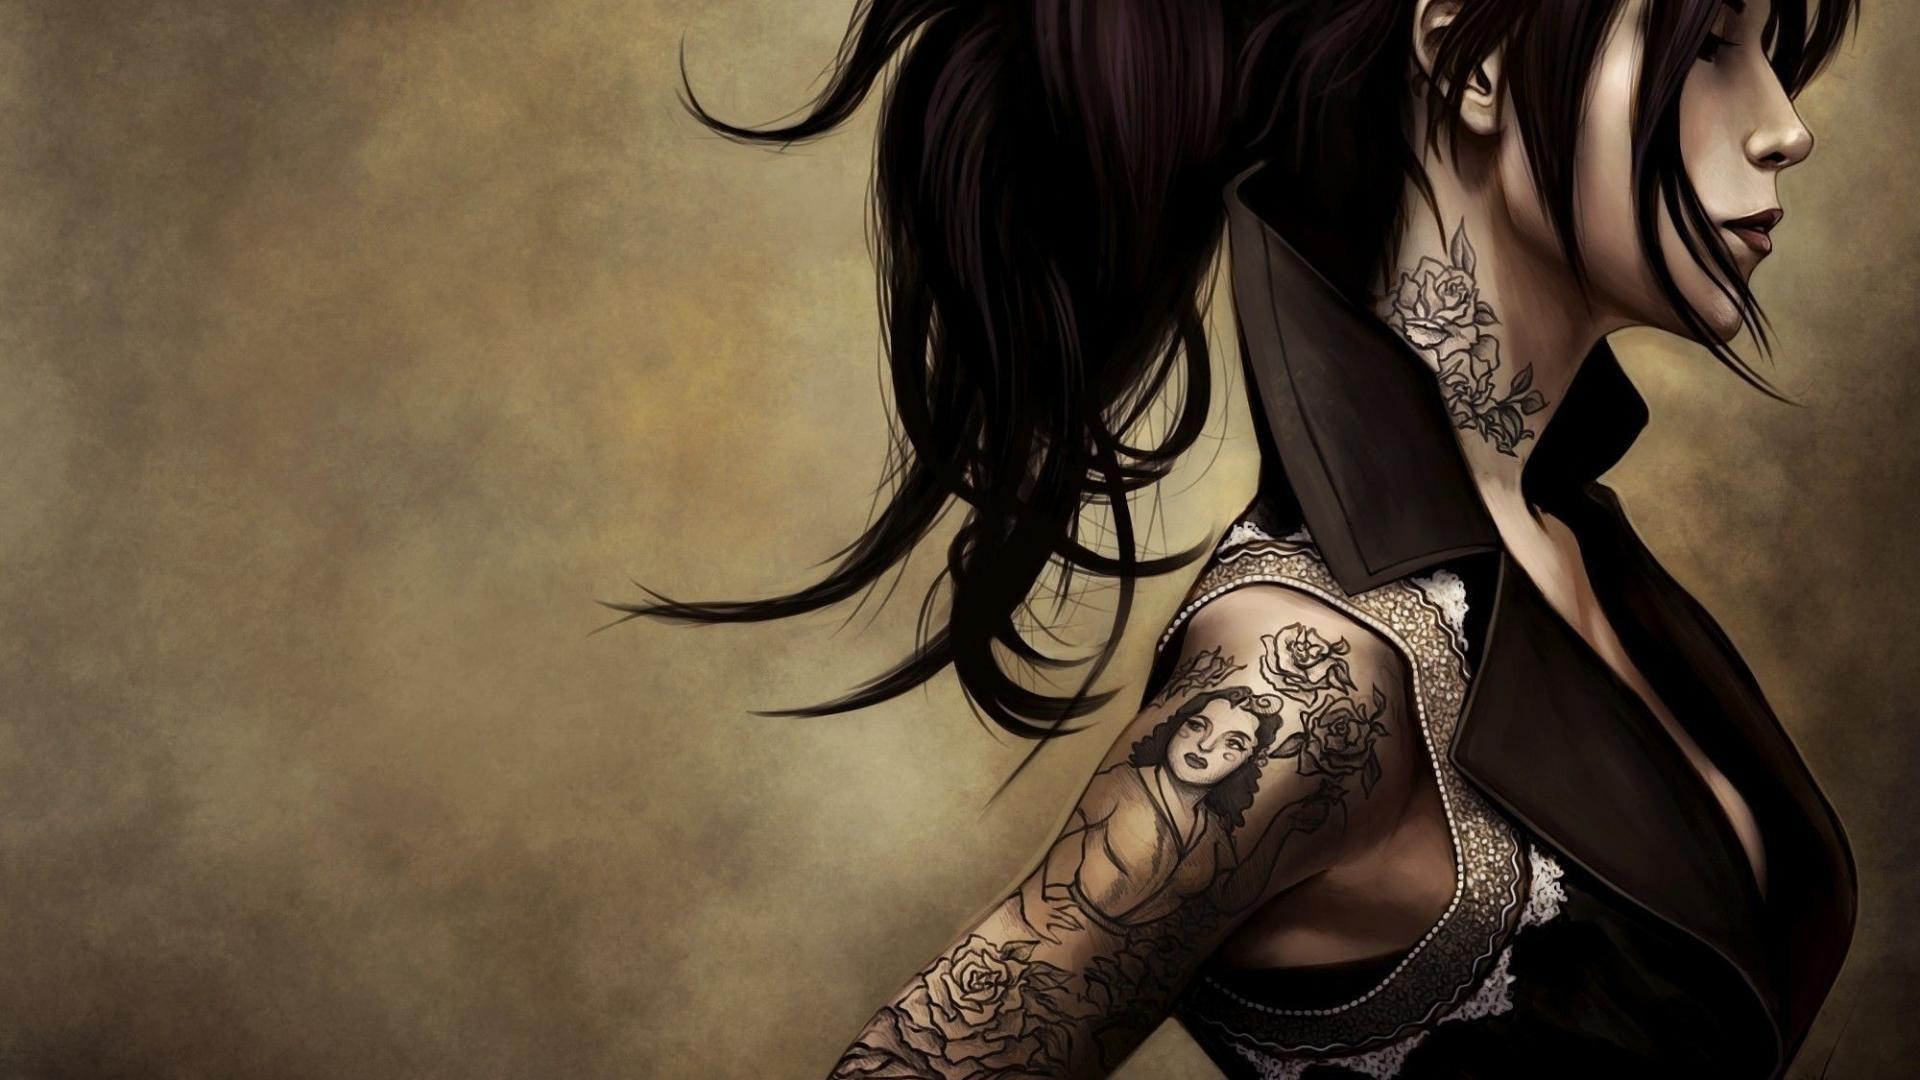 Hot Tattoo Girl Designs  Tattoo illustration, Tattoo girl